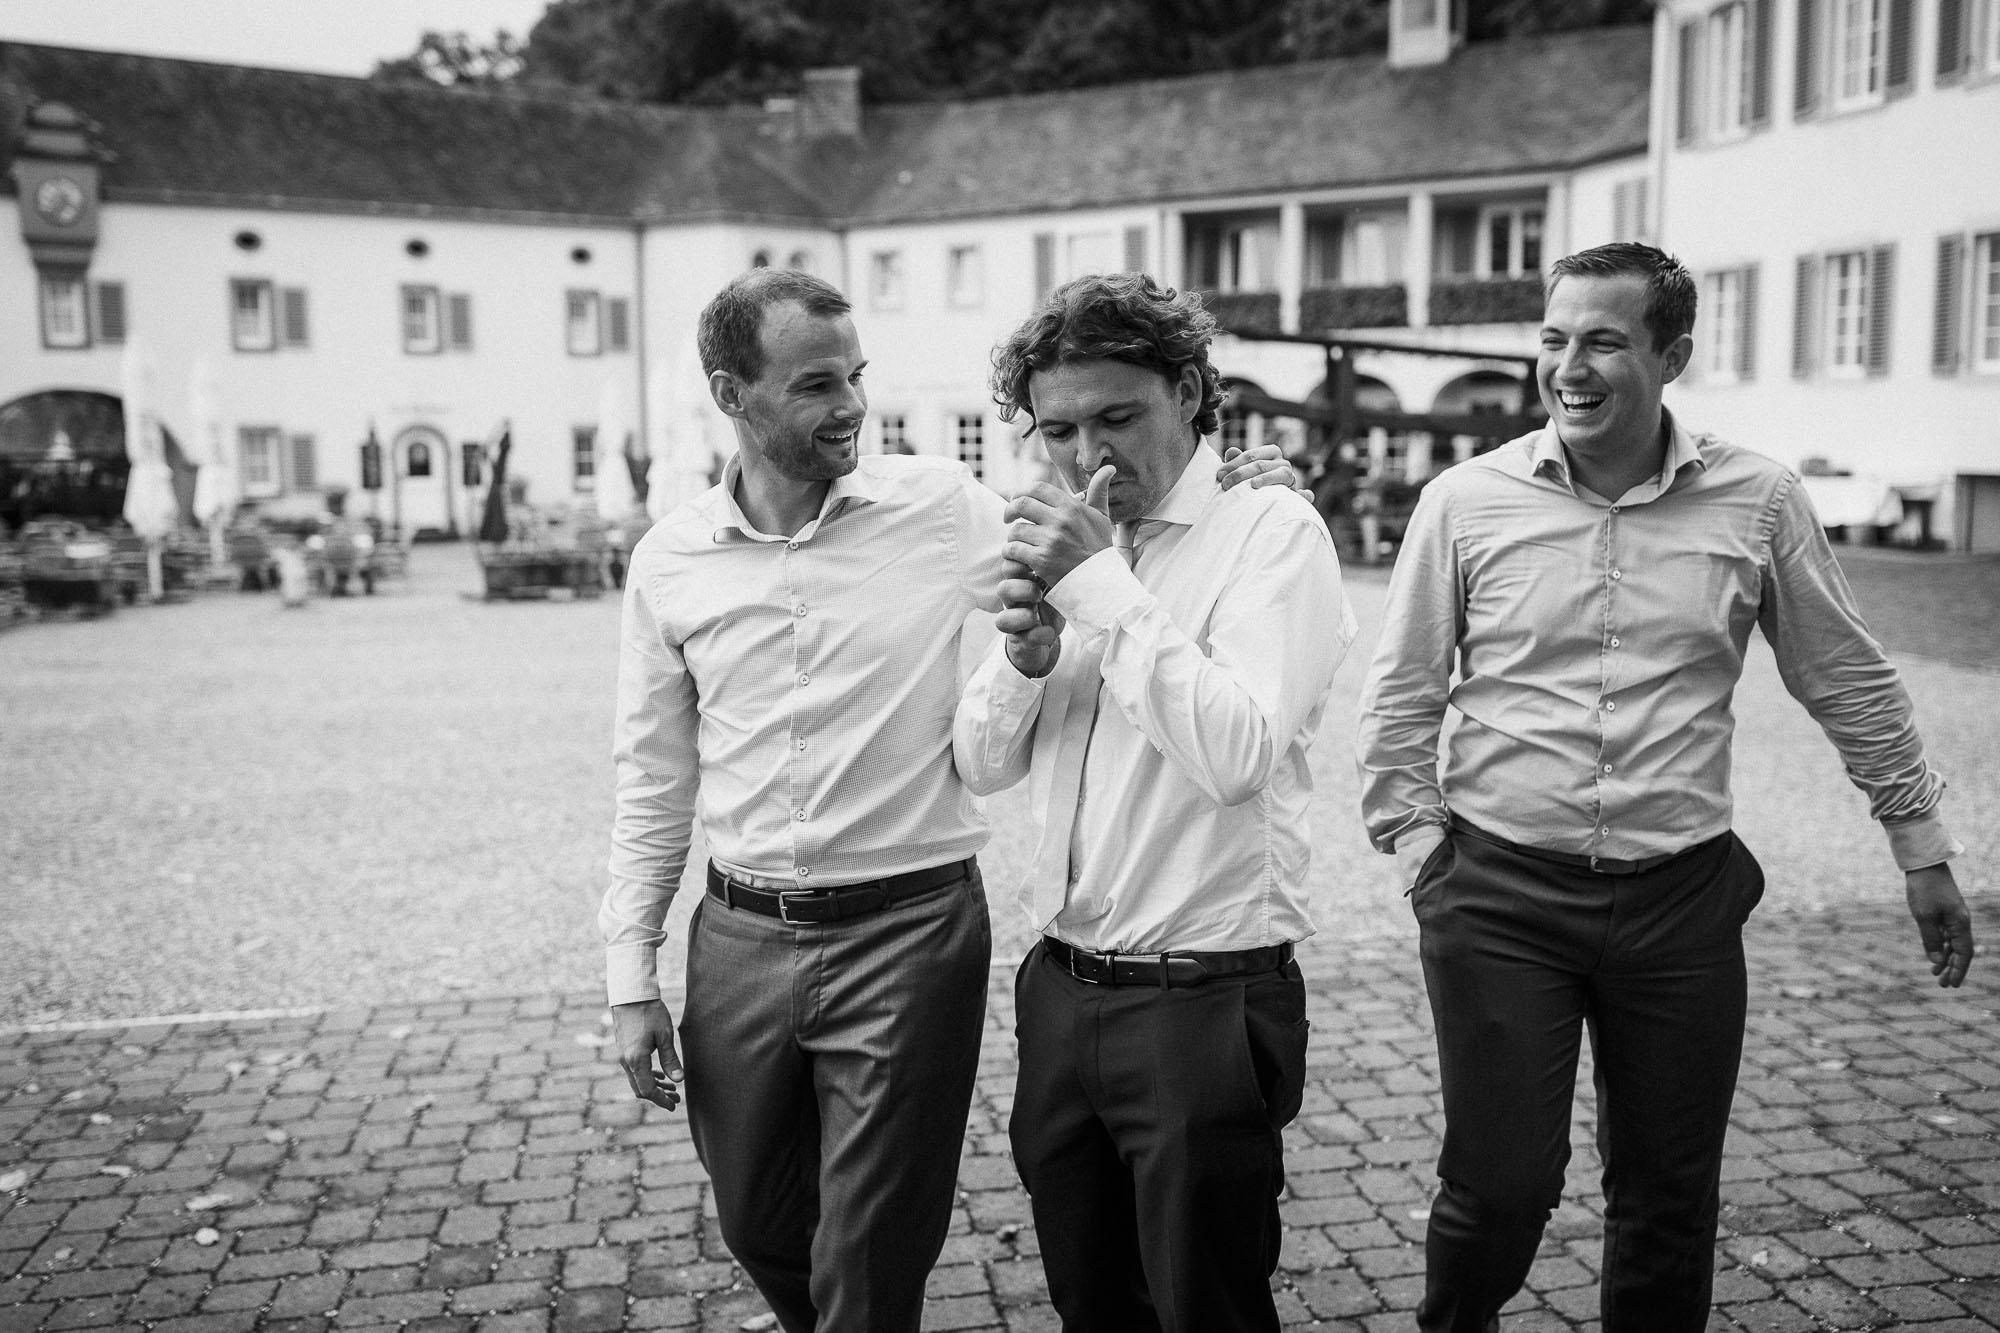 raissa simon photography wedding mosel kloster machern love authentic 647 - Kathrin + Dominik